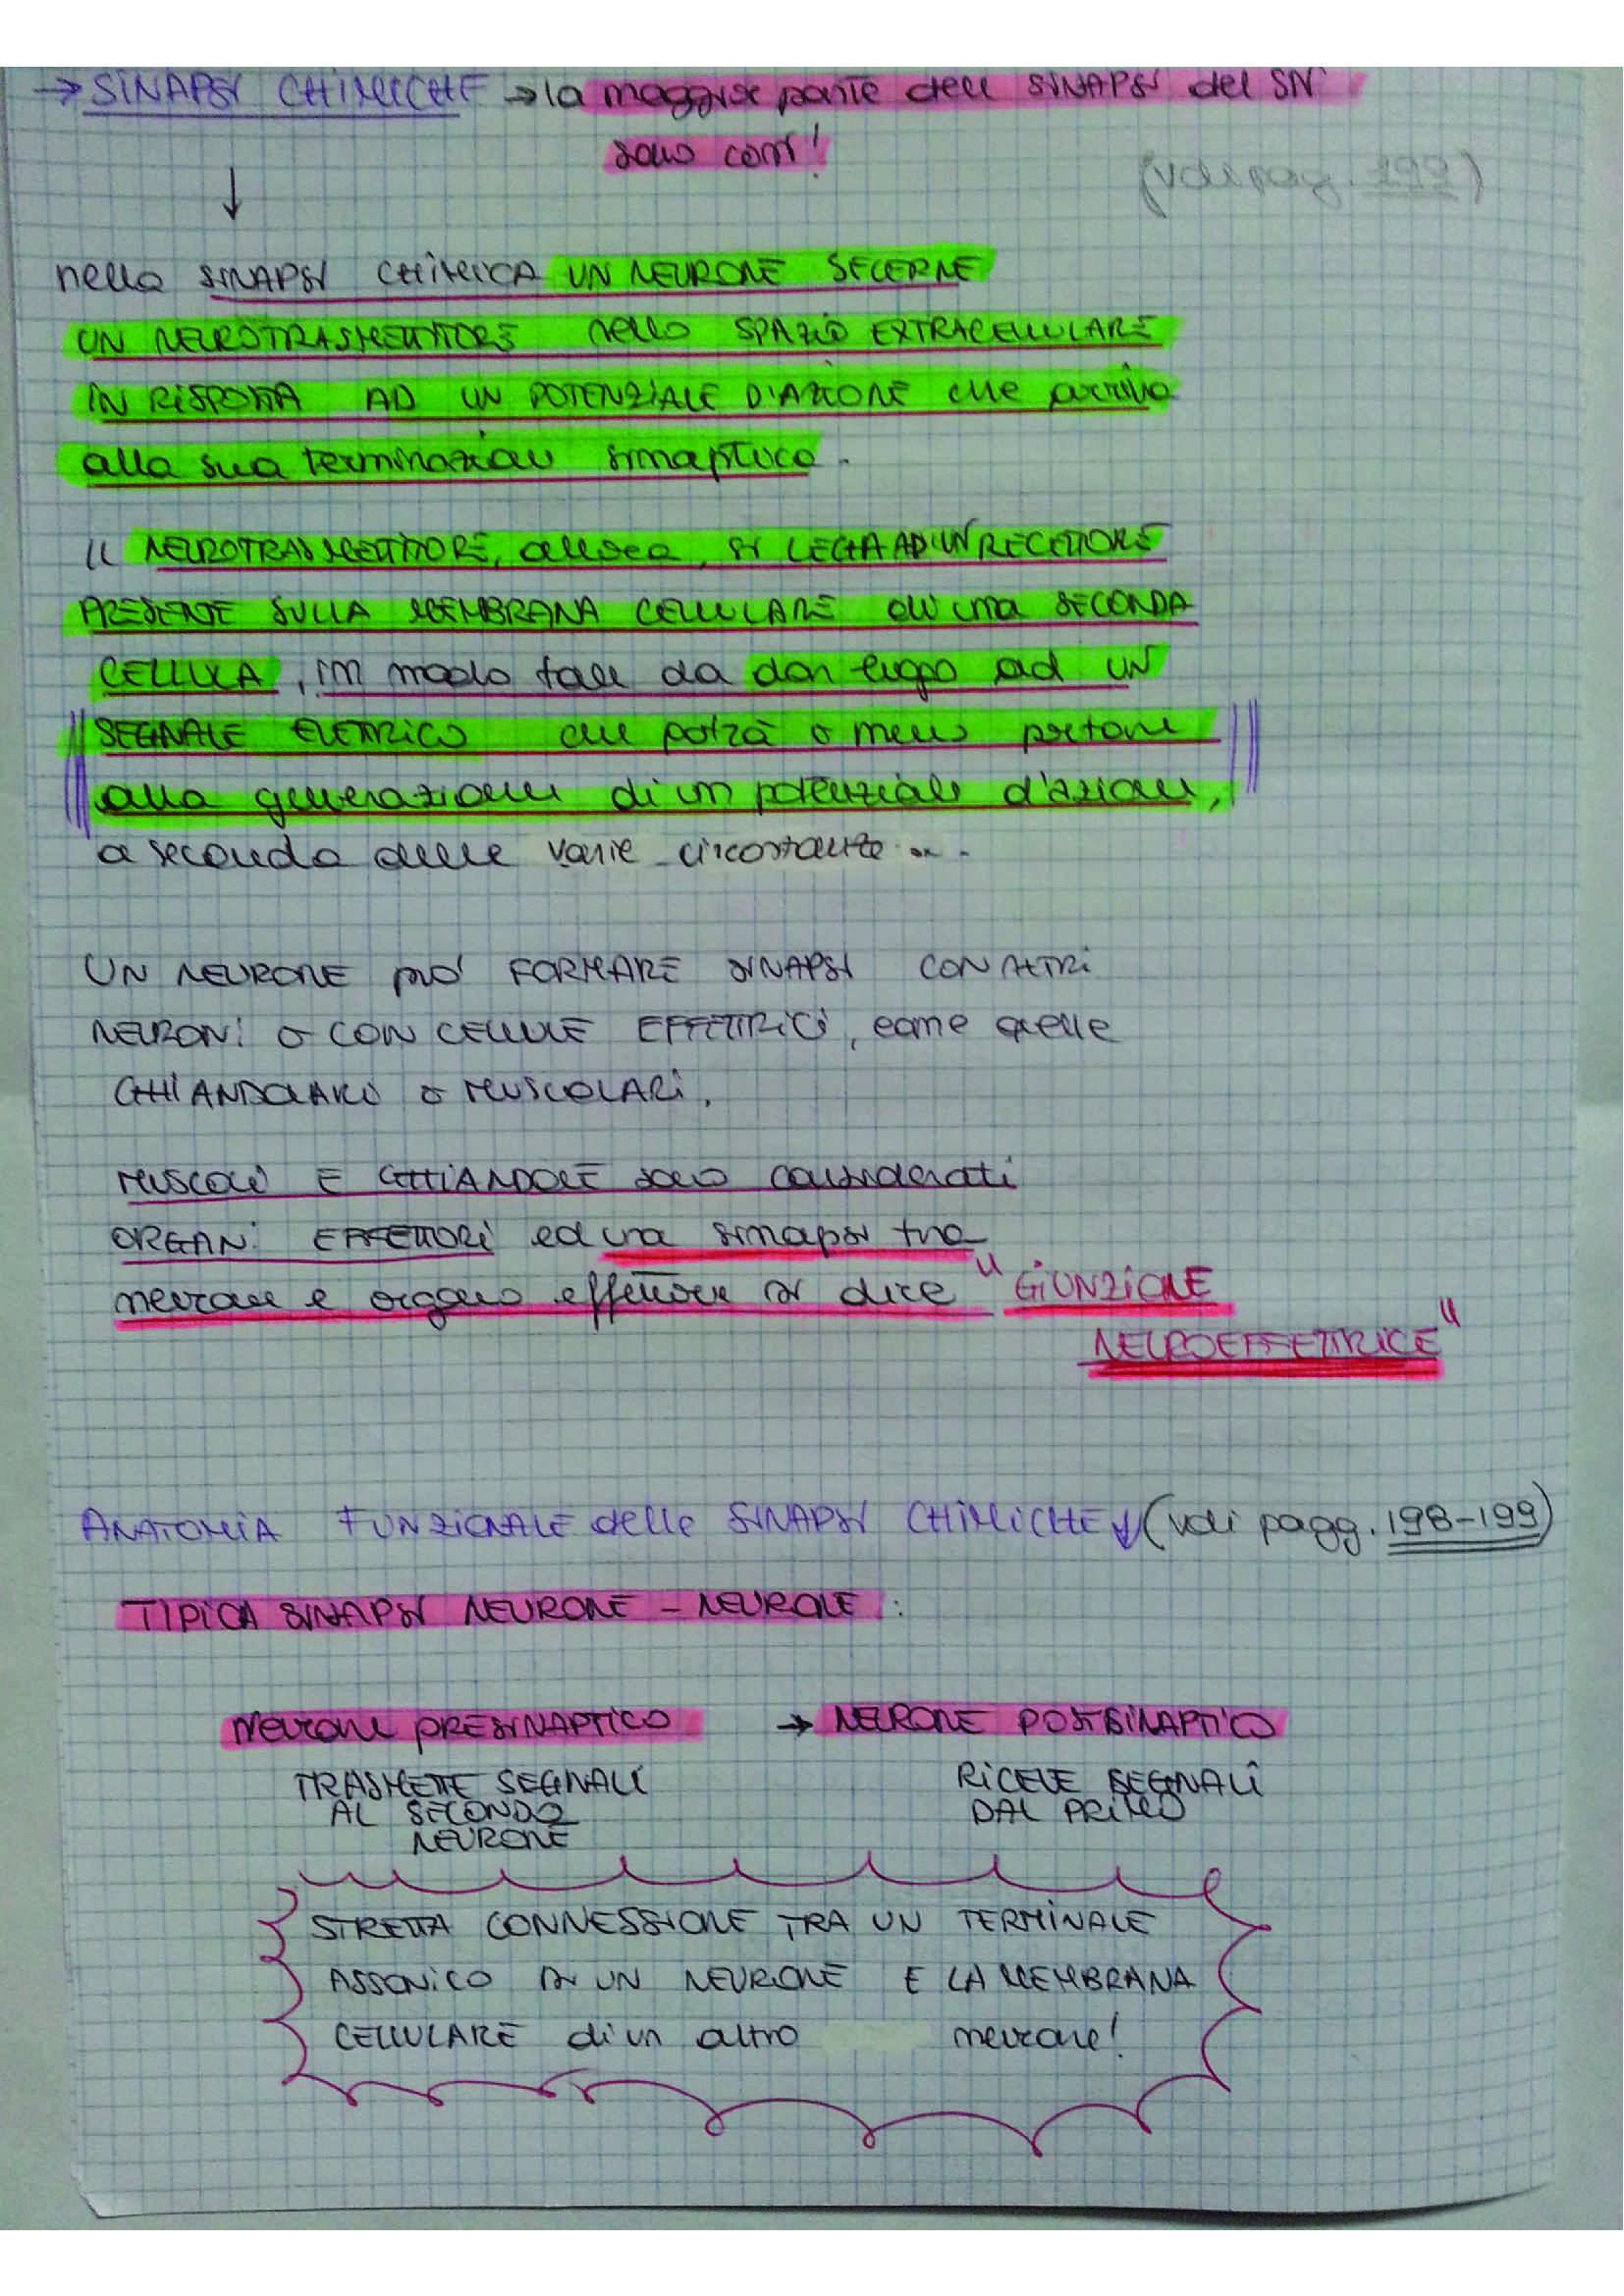 Riassunto esame Fisiologia umana, prof. D'Ascanio, libro consigliato Fisiologia, Stanfield, Germann (sistema nervoso) Pag. 36